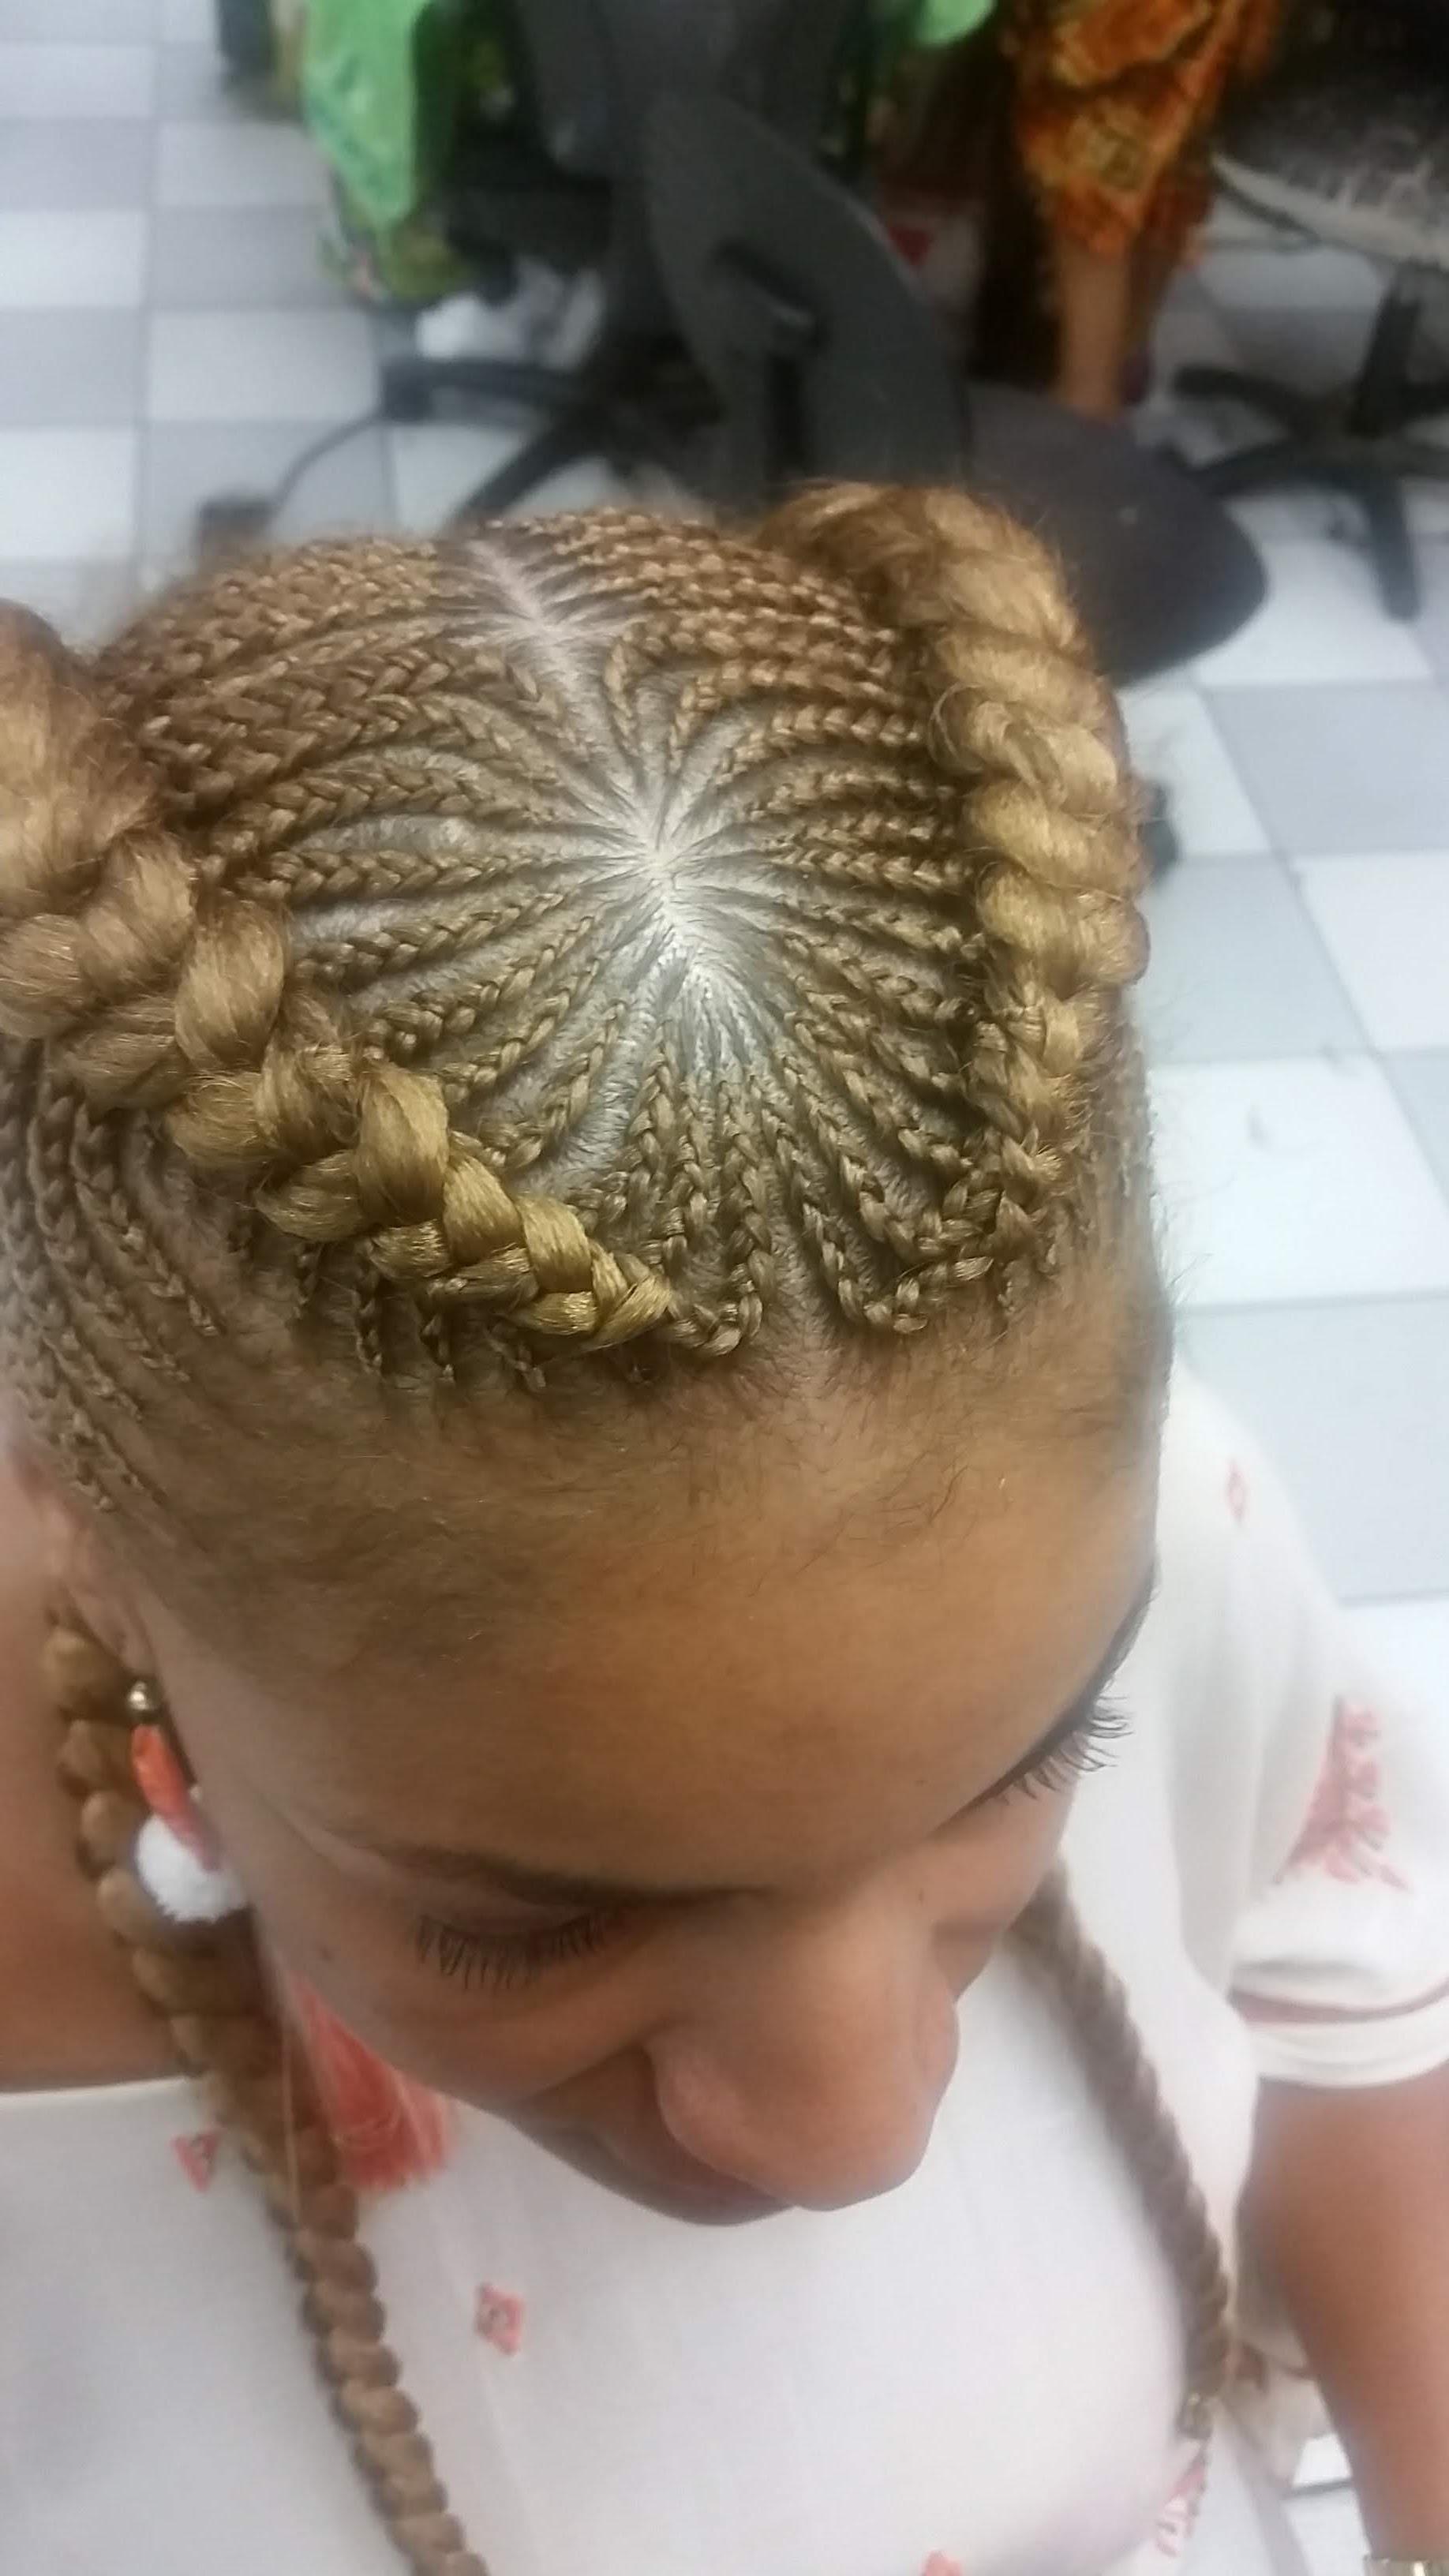 salon de coiffure afro tresse tresses box braids crochet braids vanilles tissages paris 75 77 78 91 92 93 94 95 WCWQJXWH